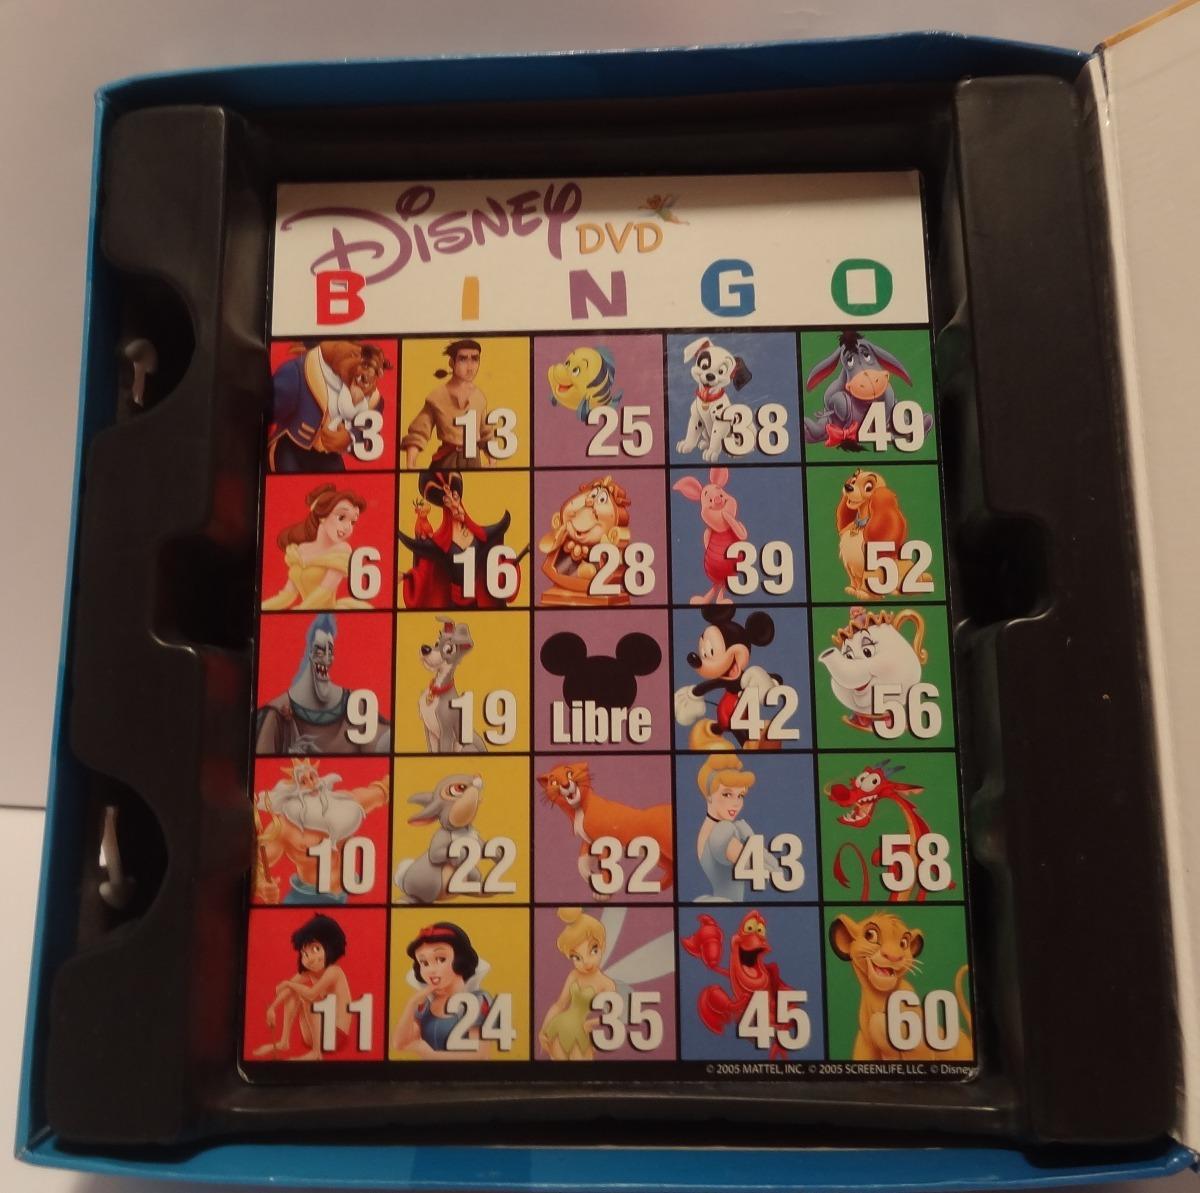 Disney Dvd Bingo Juego De Mesa Mattel 299 00 En Mercado Libre